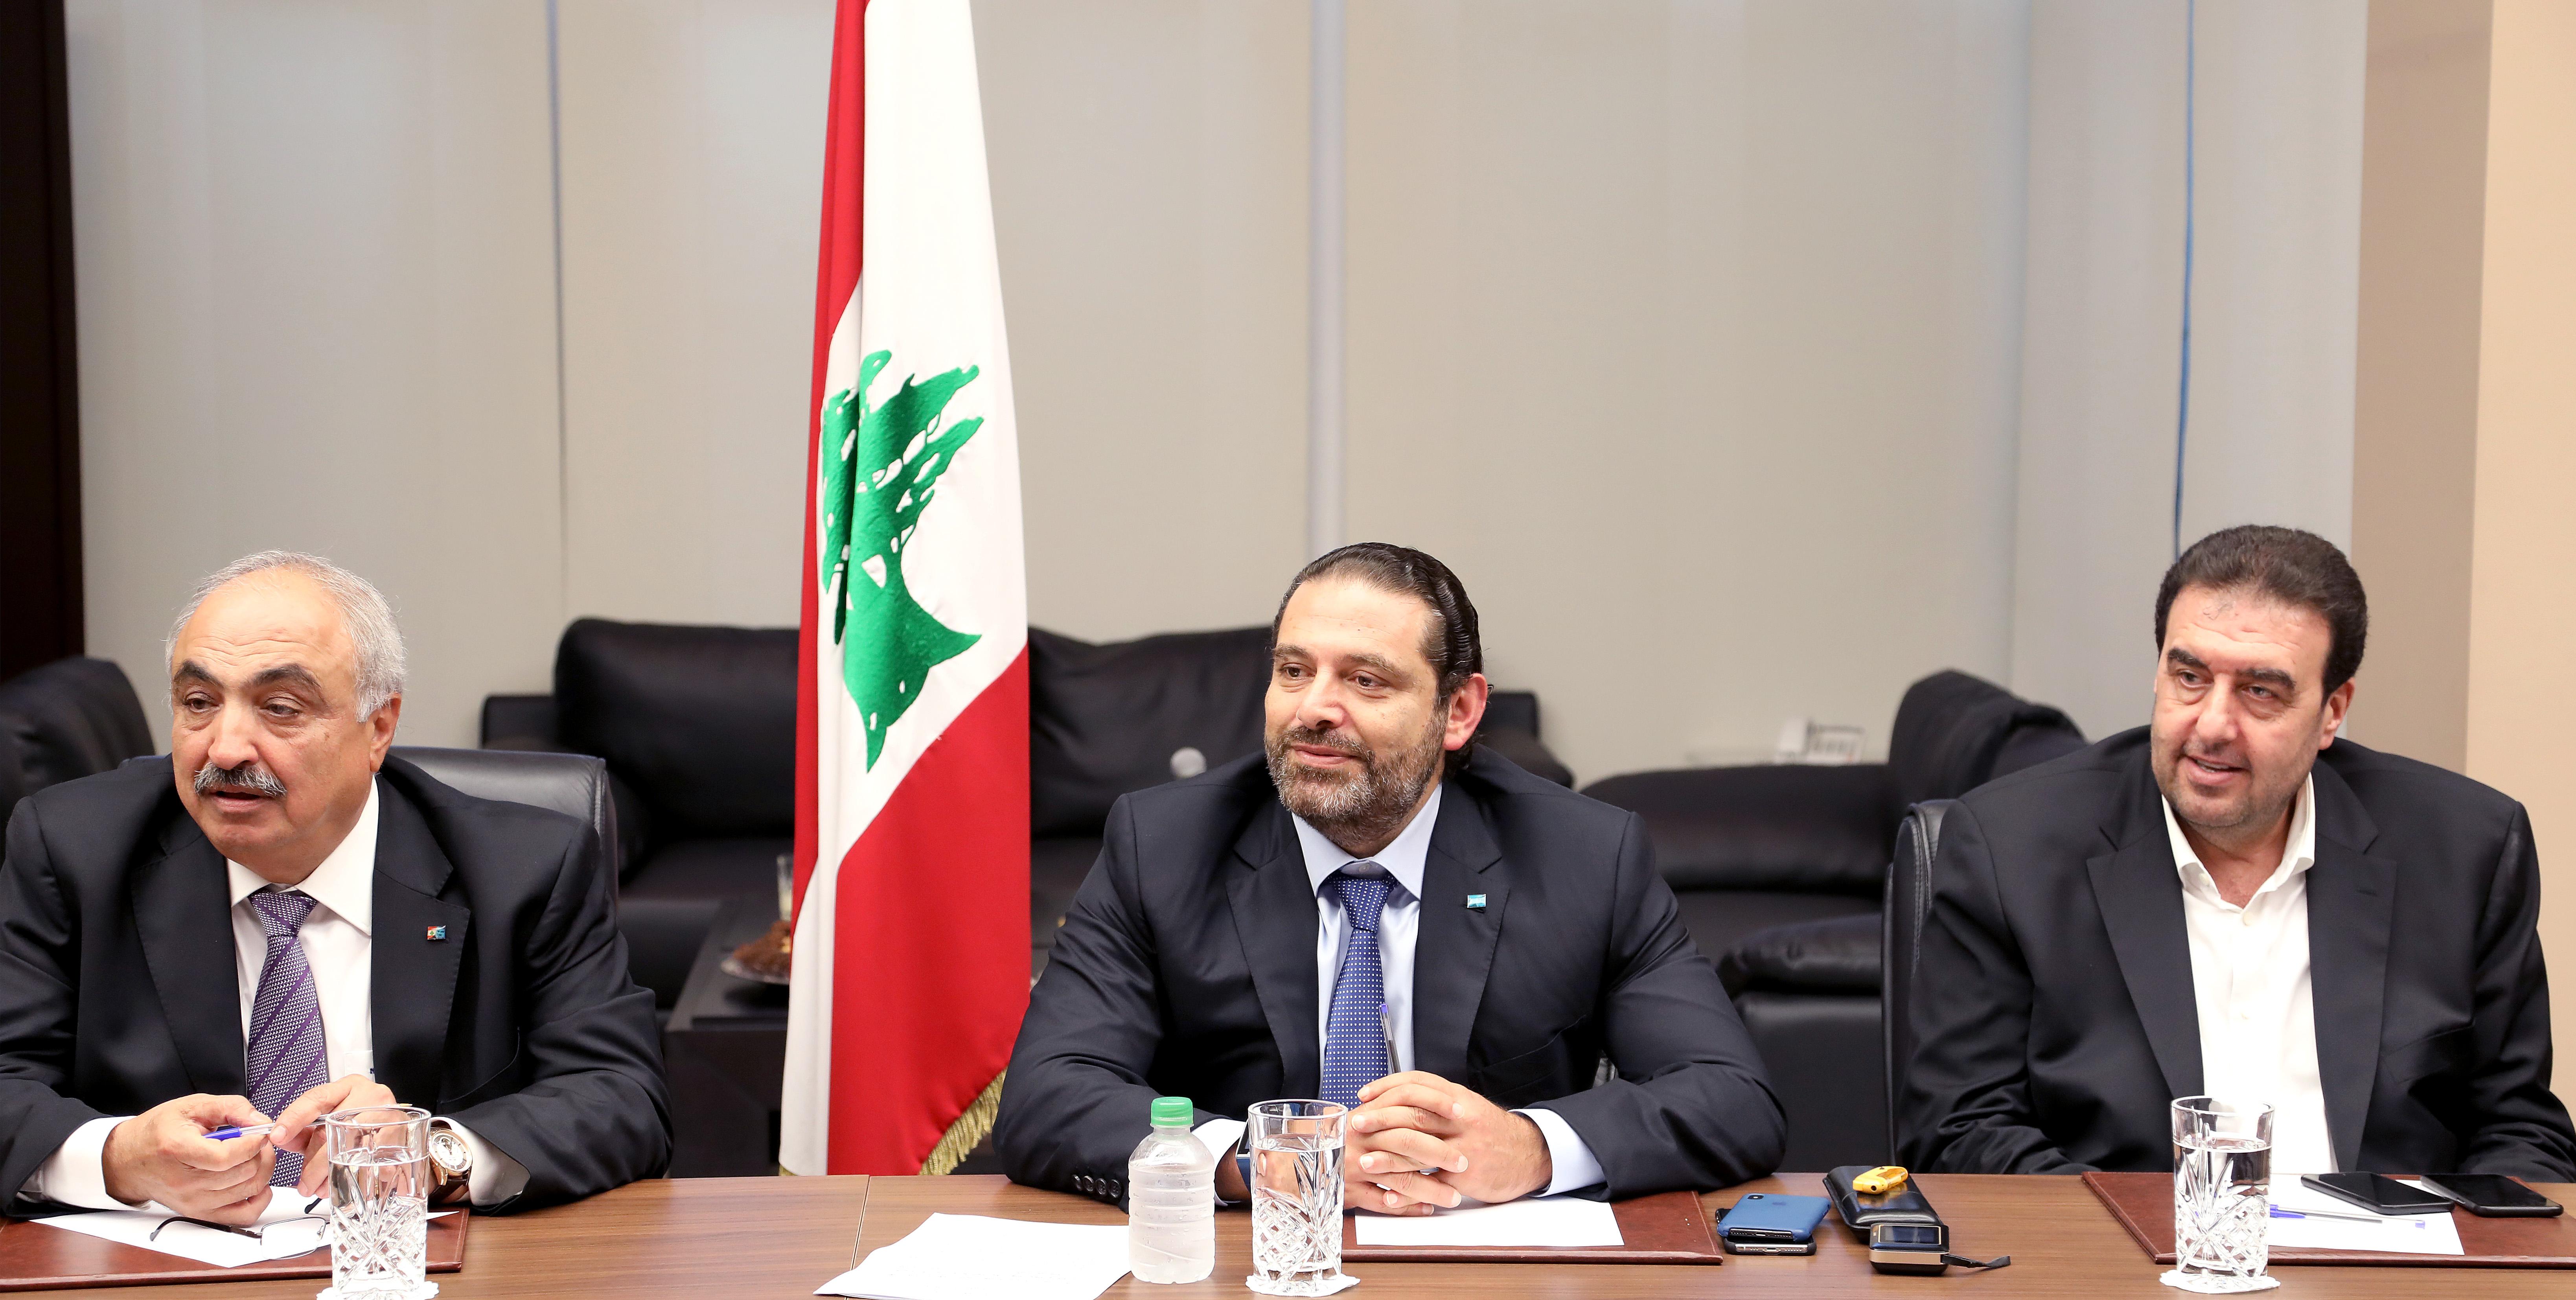 Pr Minister Saad Hariri Heading Almustabal MPs Bloc 2